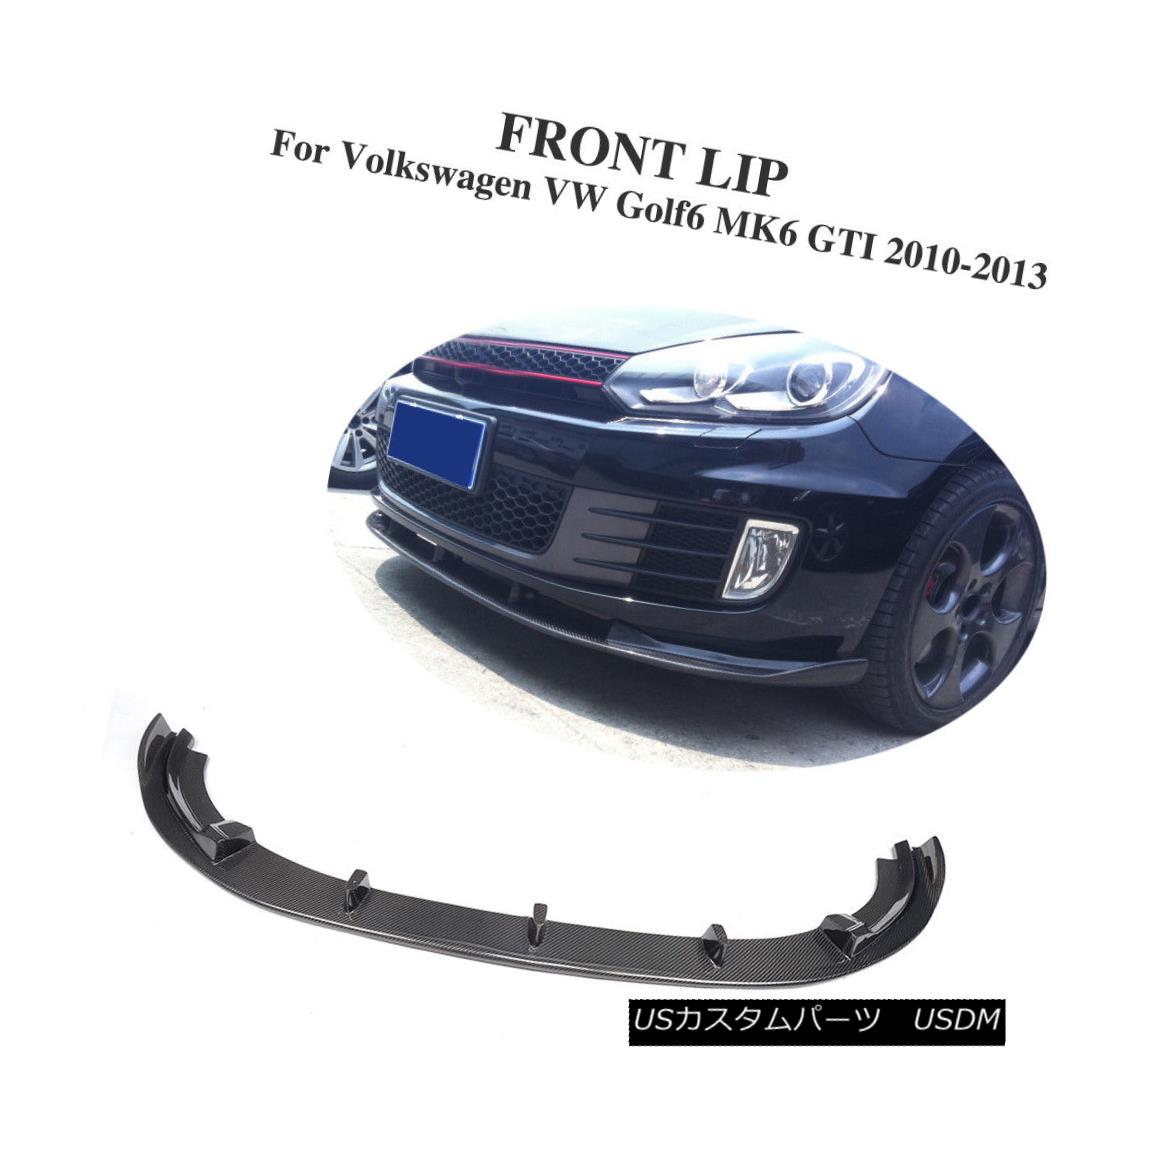 エアロパーツ Carbon Fiber Car Front Bumper Lip Factory for Volkswagen VW Golf6 MK6 GTI 10-13 フォルクスワーゲンVWゴルフ6 MK6 GTI 10-13用炭素繊維車フロントバンパーリップ工場